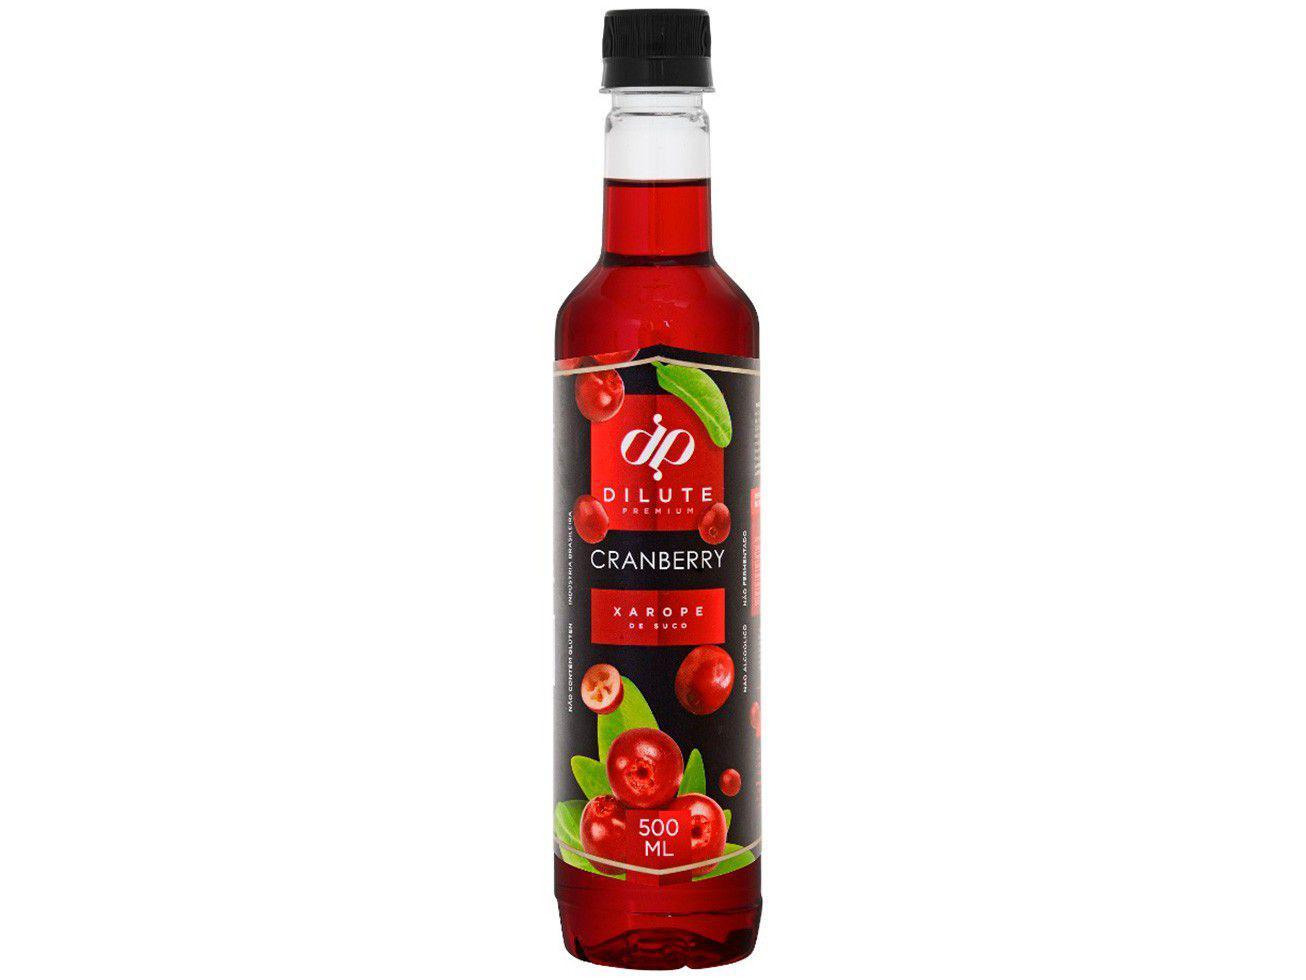 Xarope Dilute Premium Cranberry 500ml